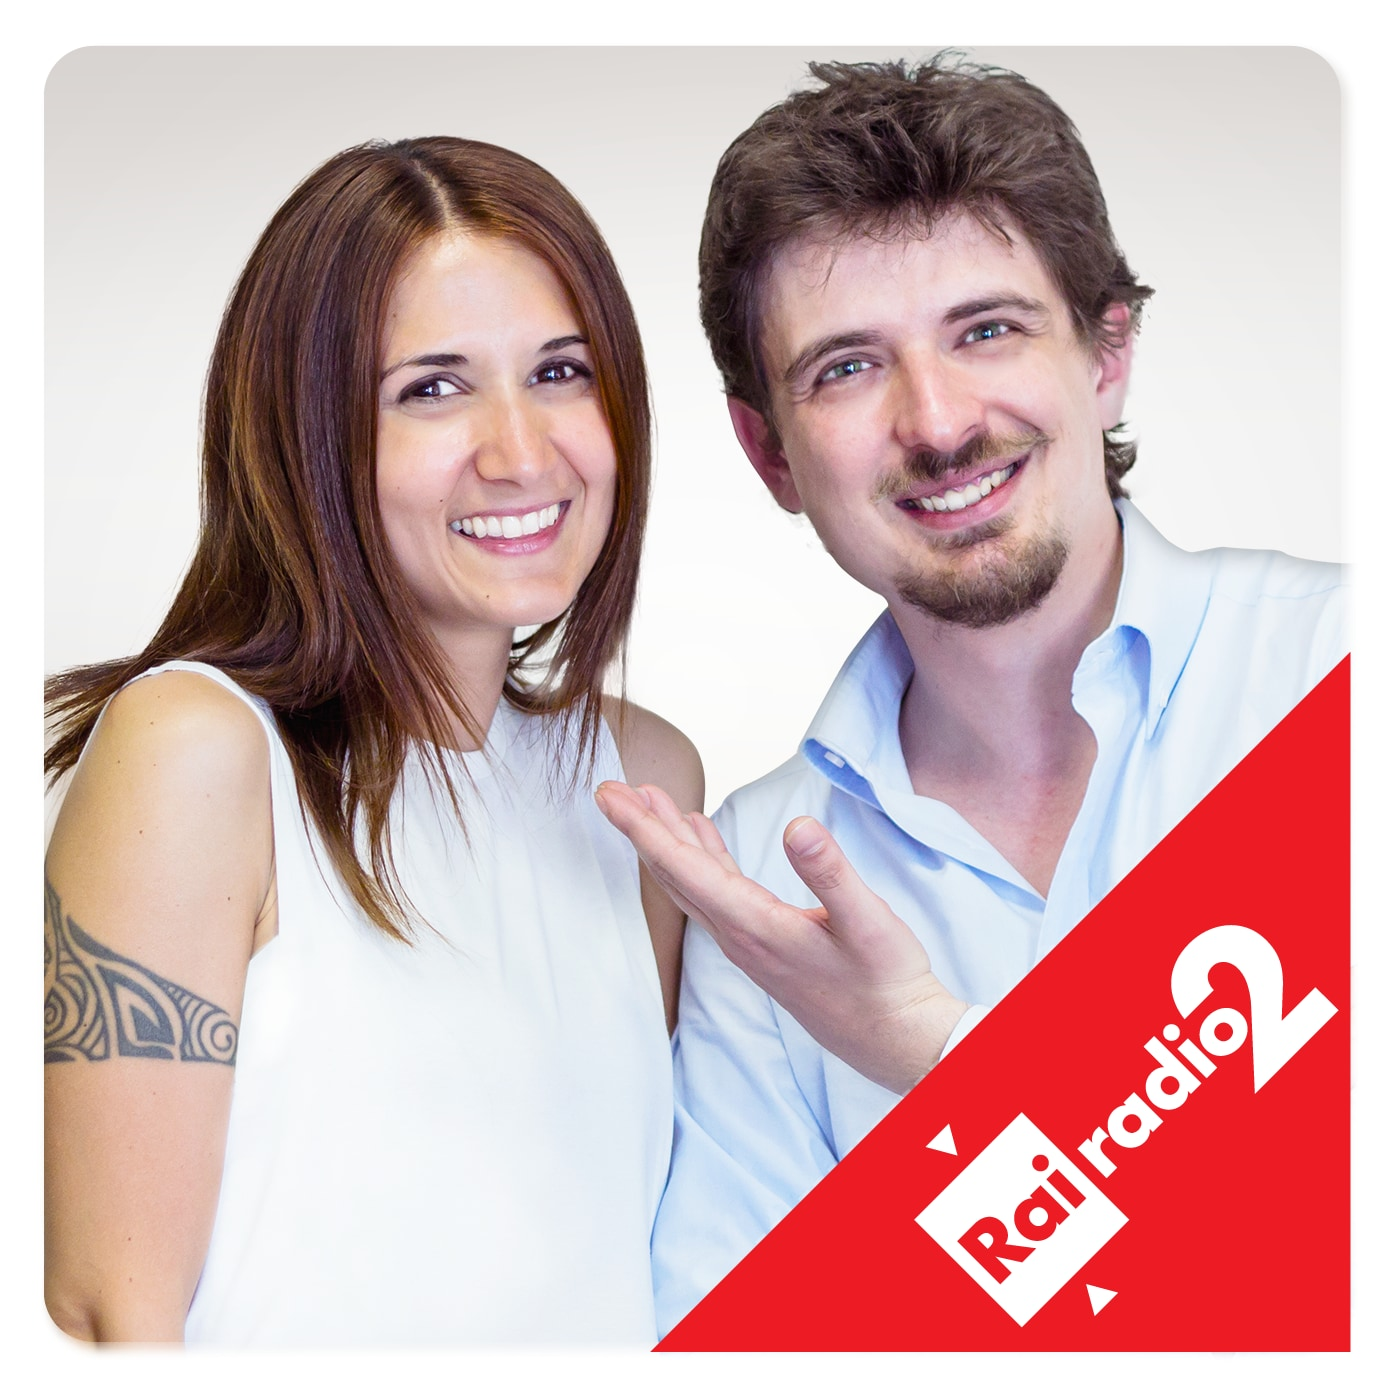 2diRadio2